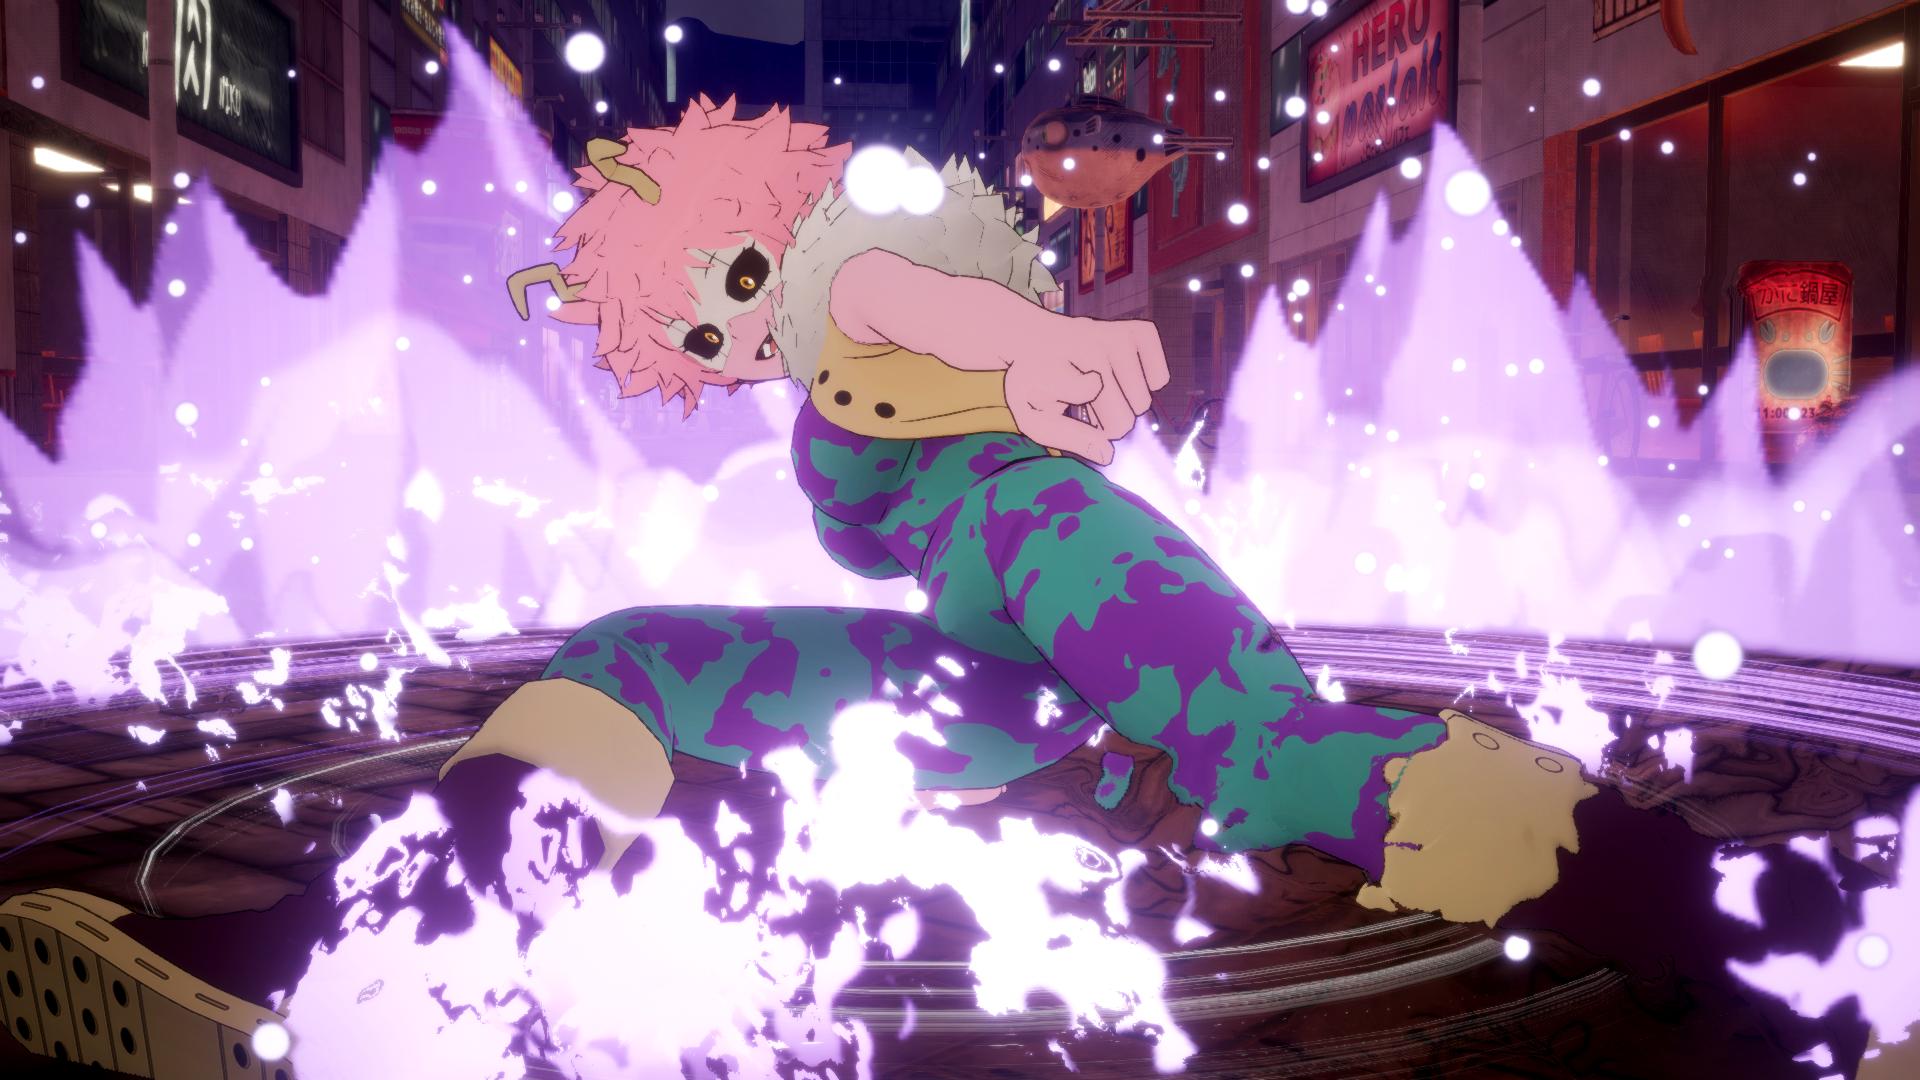 49651158256 b21203148a o - Ein My Hero One's Justice 2′-Guide zu den neuen Charakteren des Arena Fighters für PS4